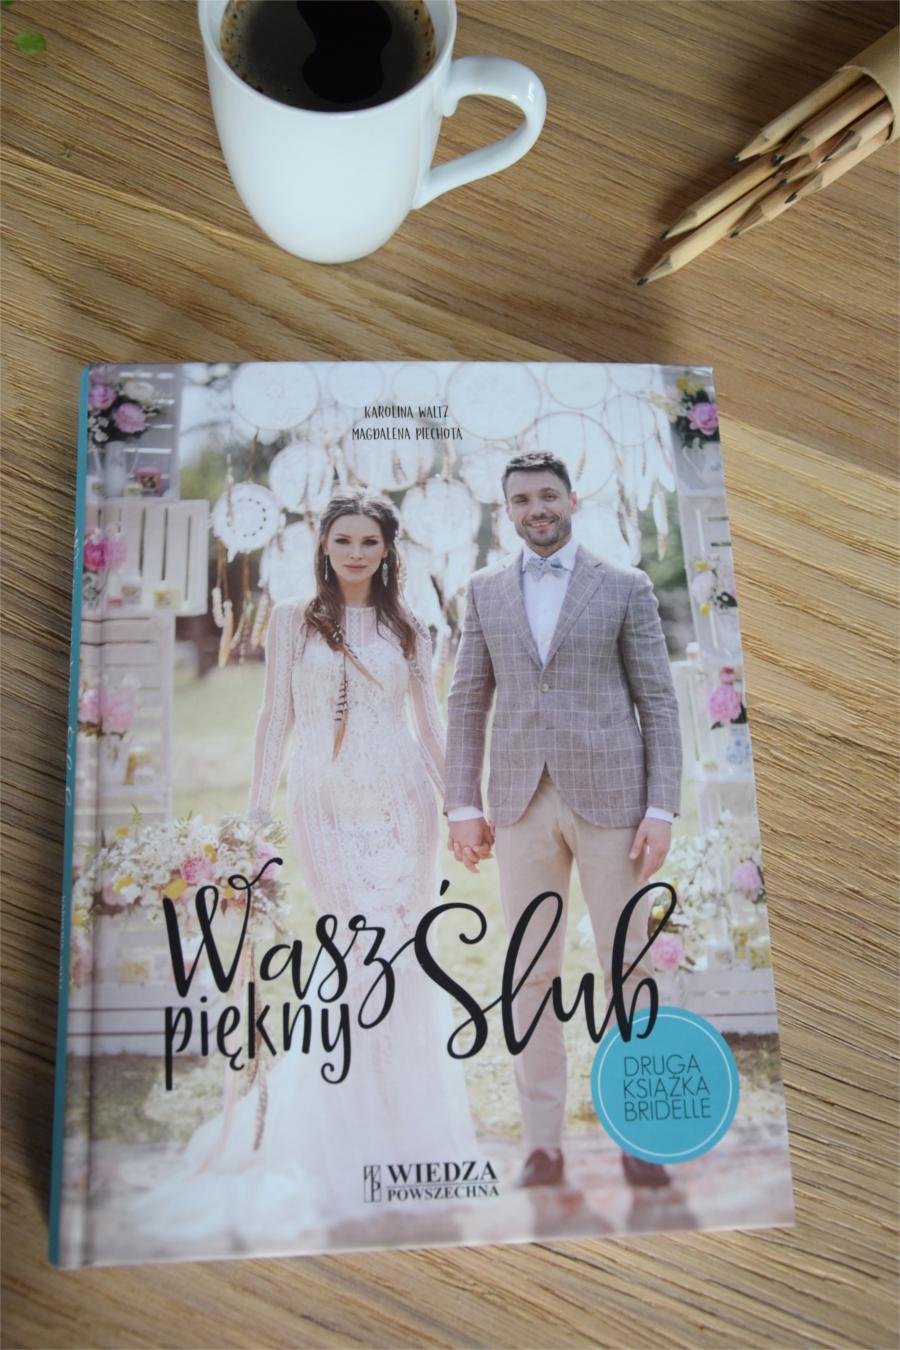 Okładka książki o ślubie